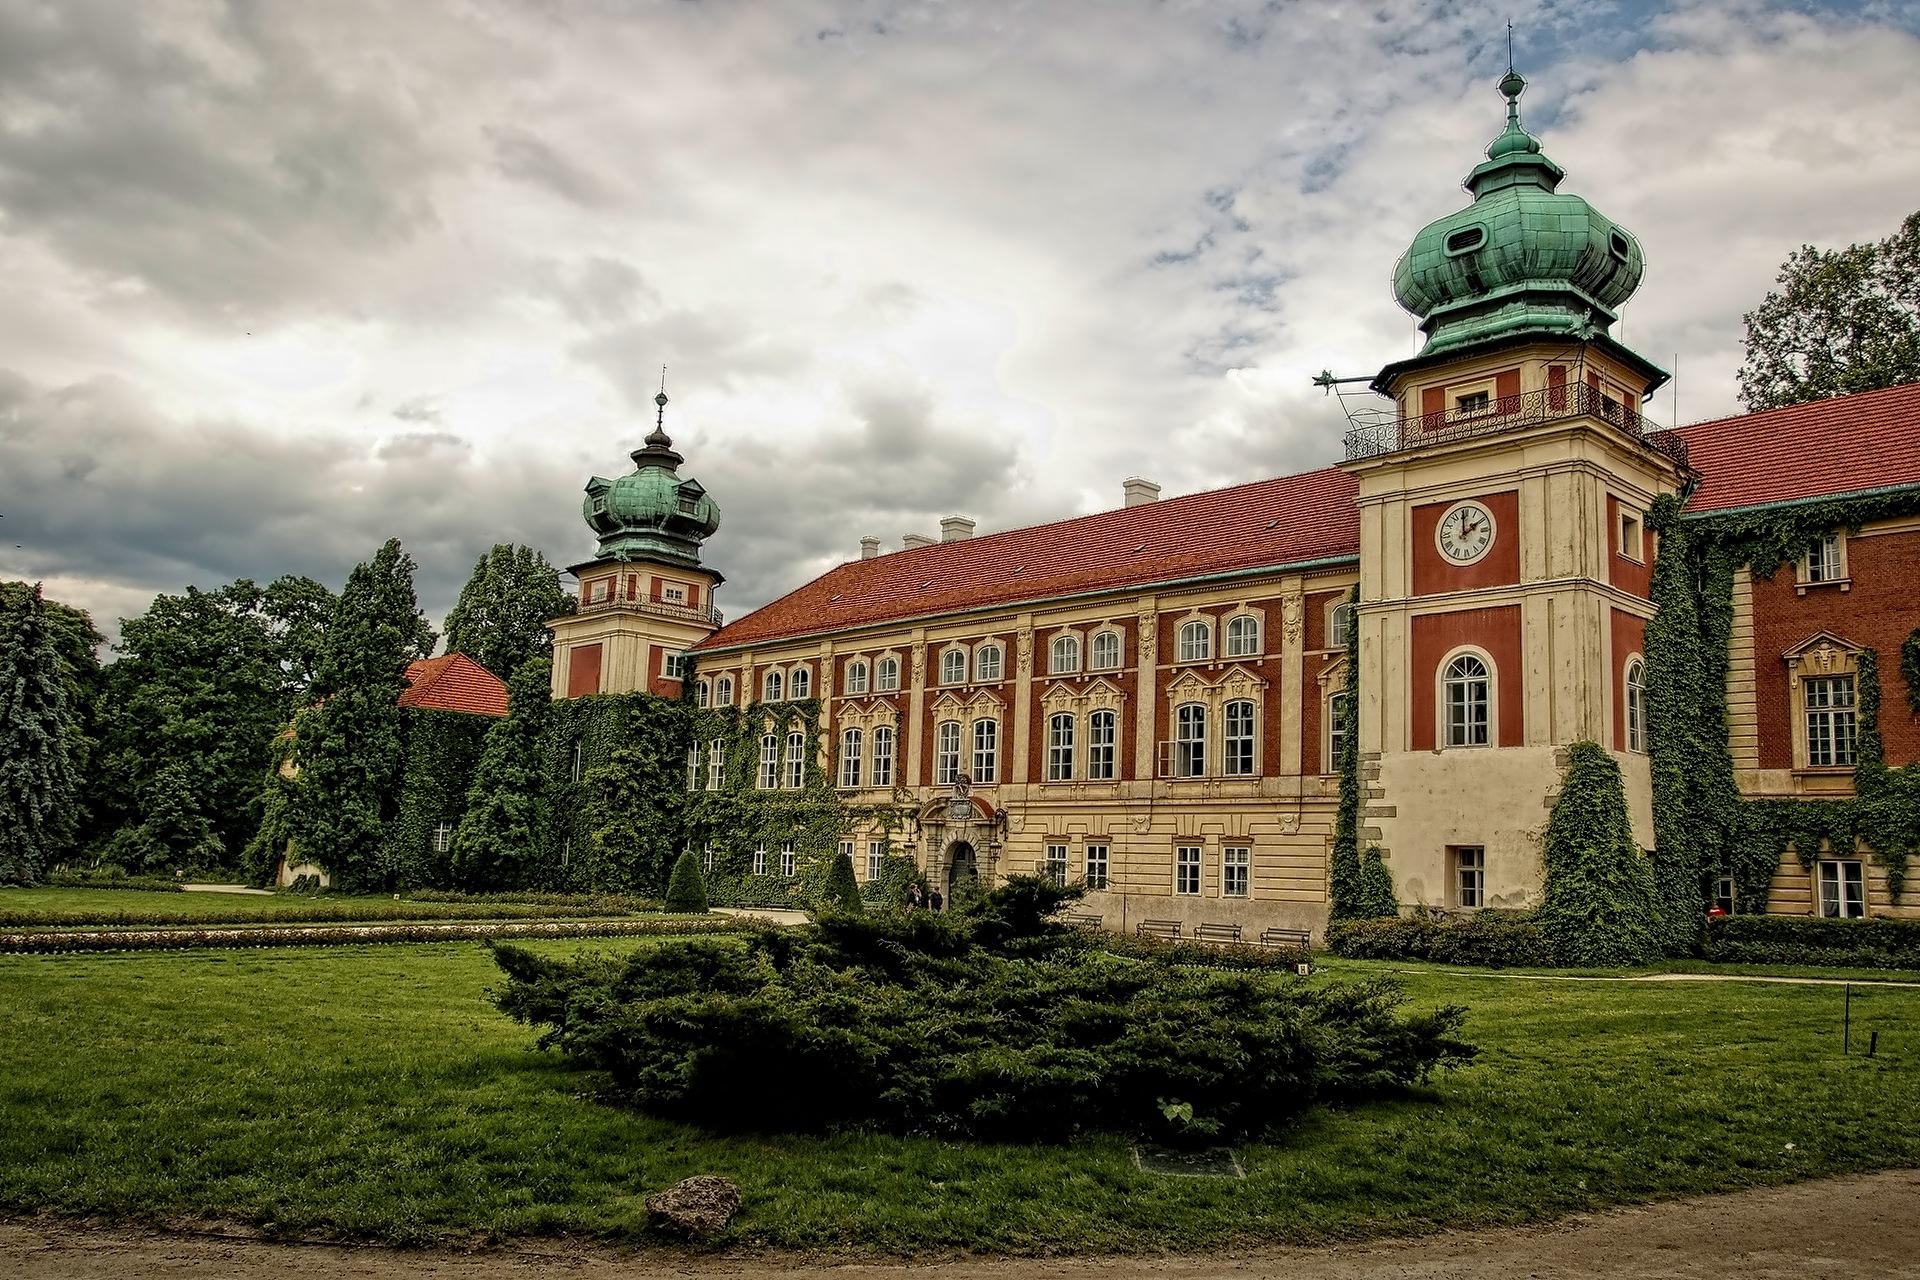 Łańcut Castle by Grzegorz Morawski